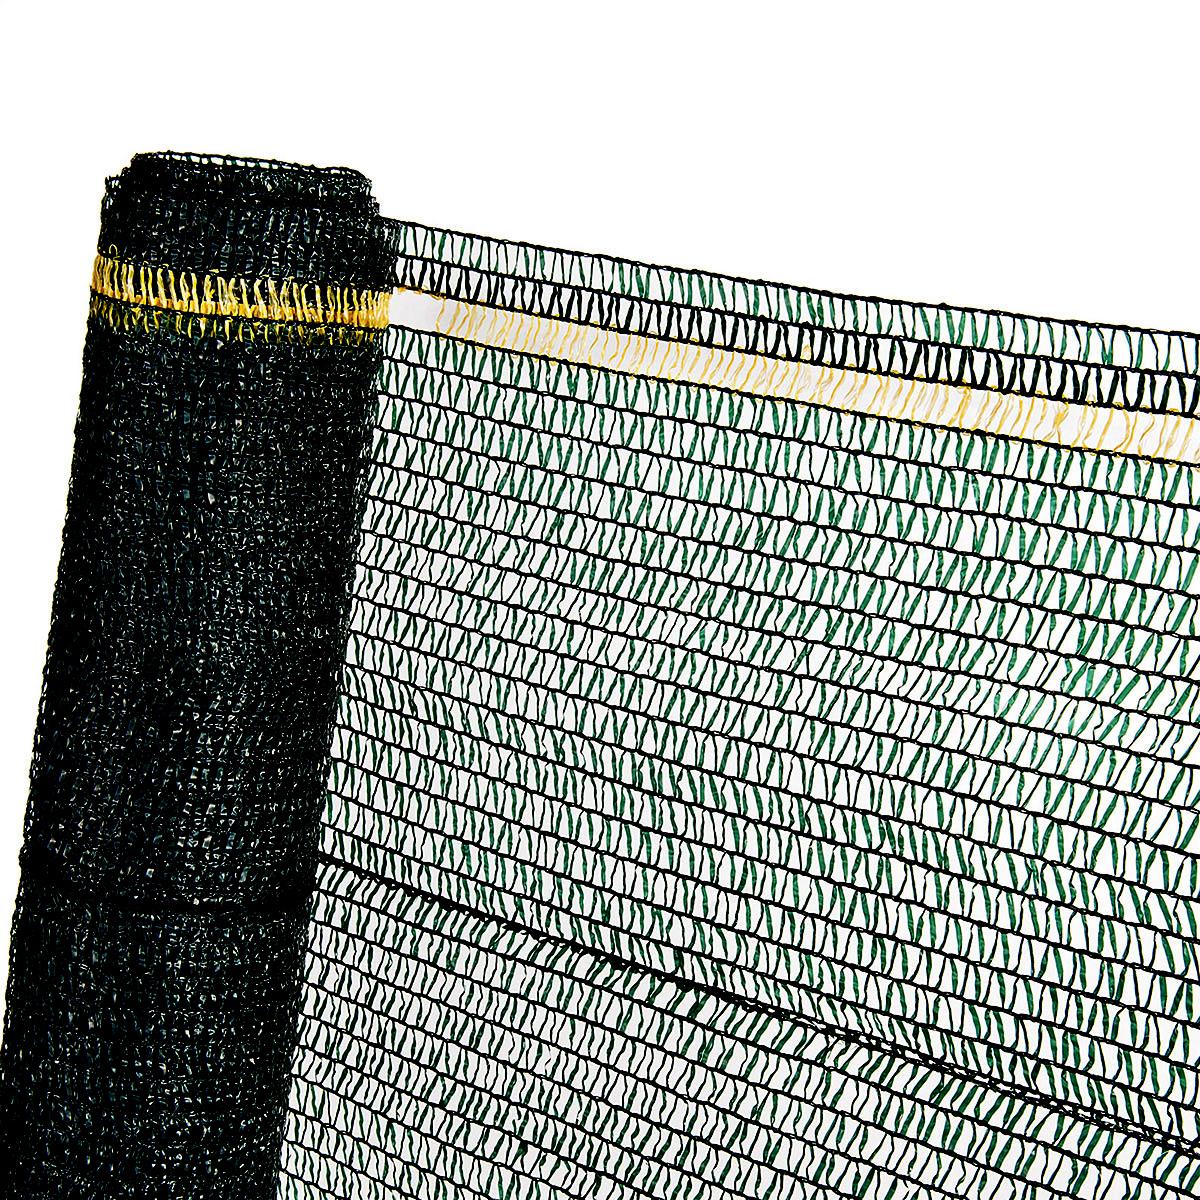 SCHATTIERNETZ 40% in 3m Breite (Meterware) Sonnenschutzgewebe Schattiergewebe